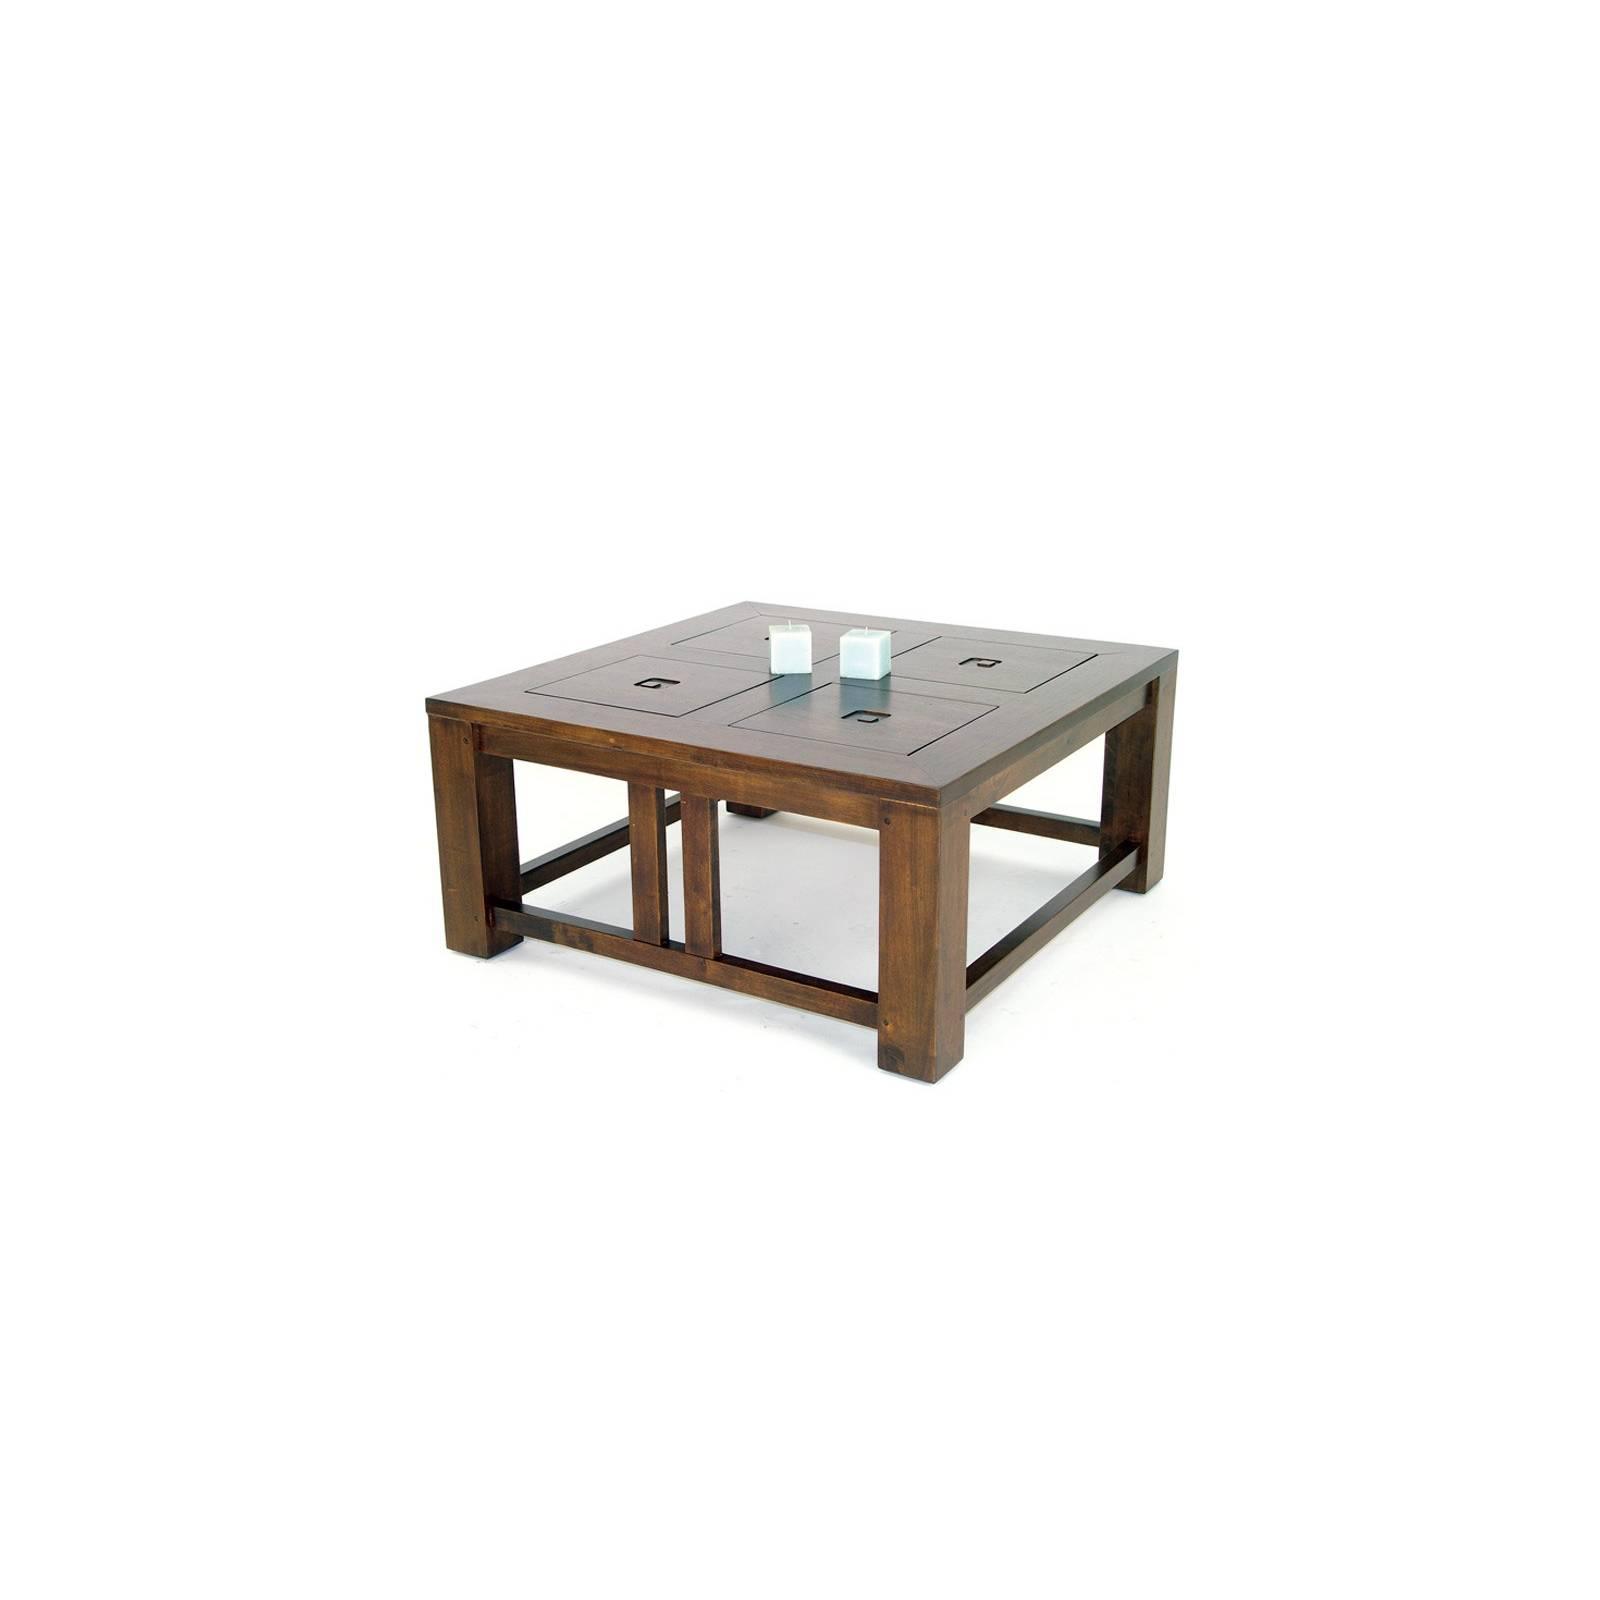 table basse carr e en h v a massif d co style primitif. Black Bedroom Furniture Sets. Home Design Ideas